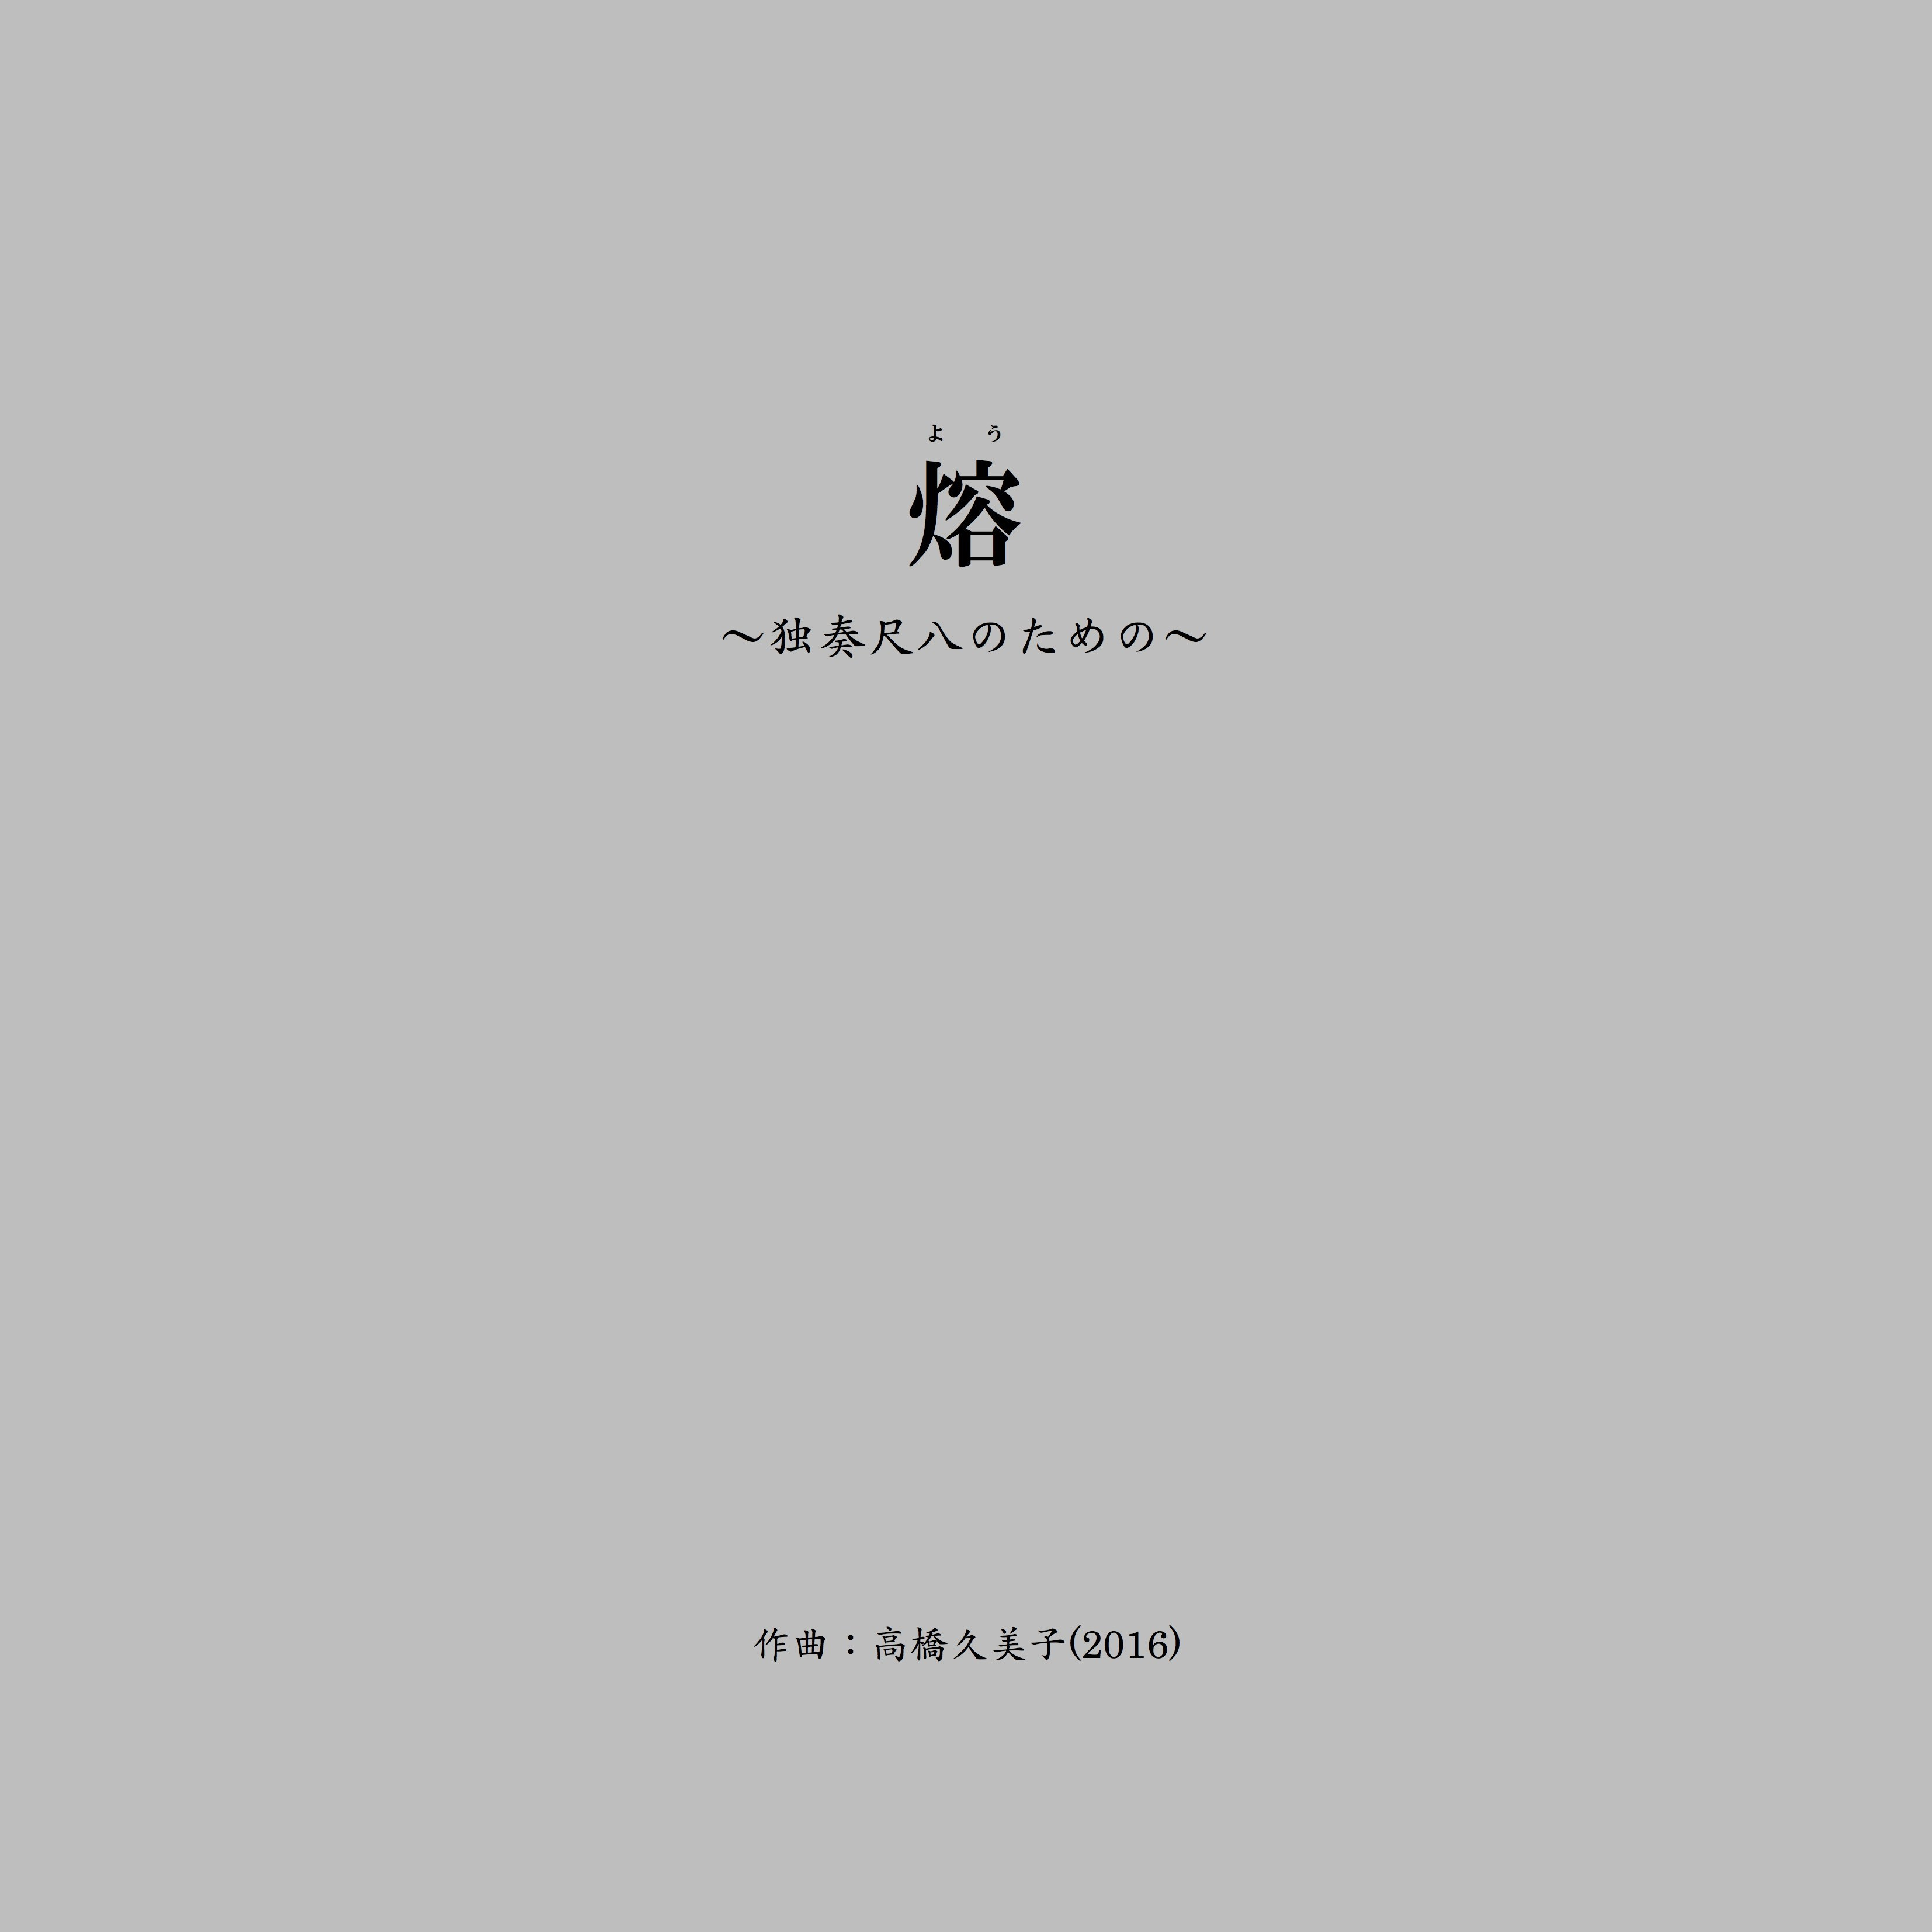 【楽譜】熔─独奏尺八のための(五線譜)A4判